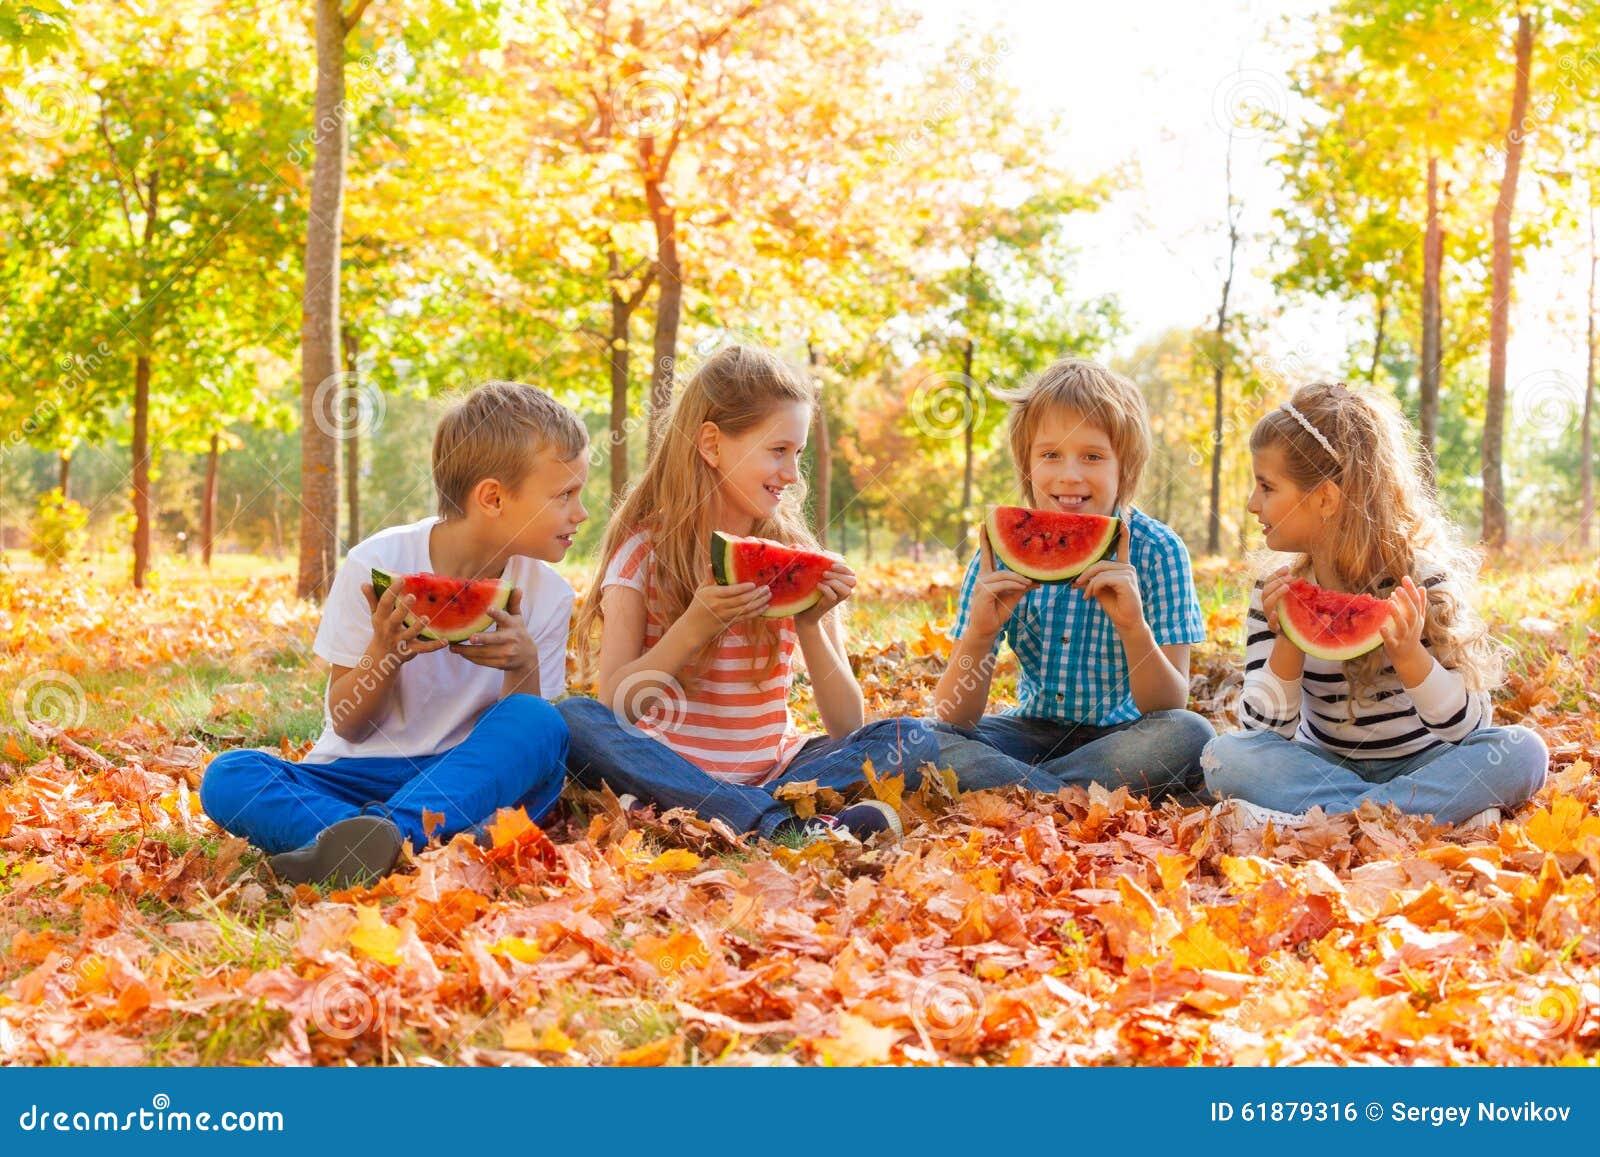 sitzende kinder die wassermelone und das essen halten stockfoto bild von vier freunde 61879316. Black Bedroom Furniture Sets. Home Design Ideas